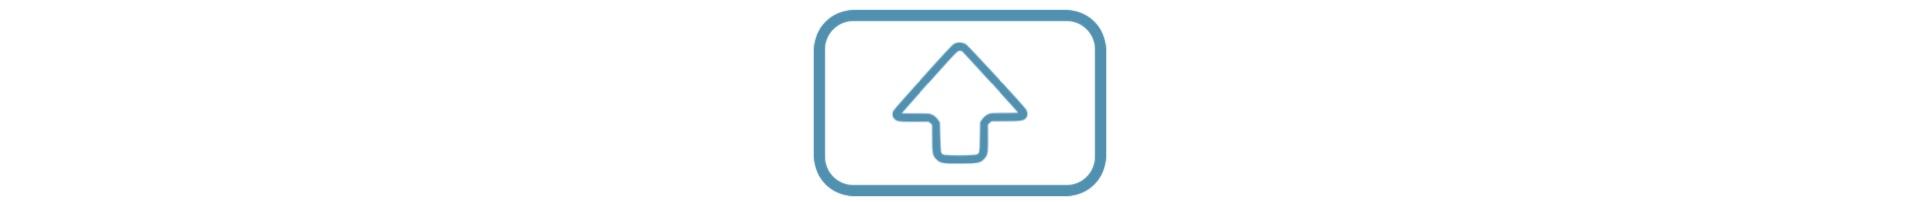 Website Arrow To The Top.jpg